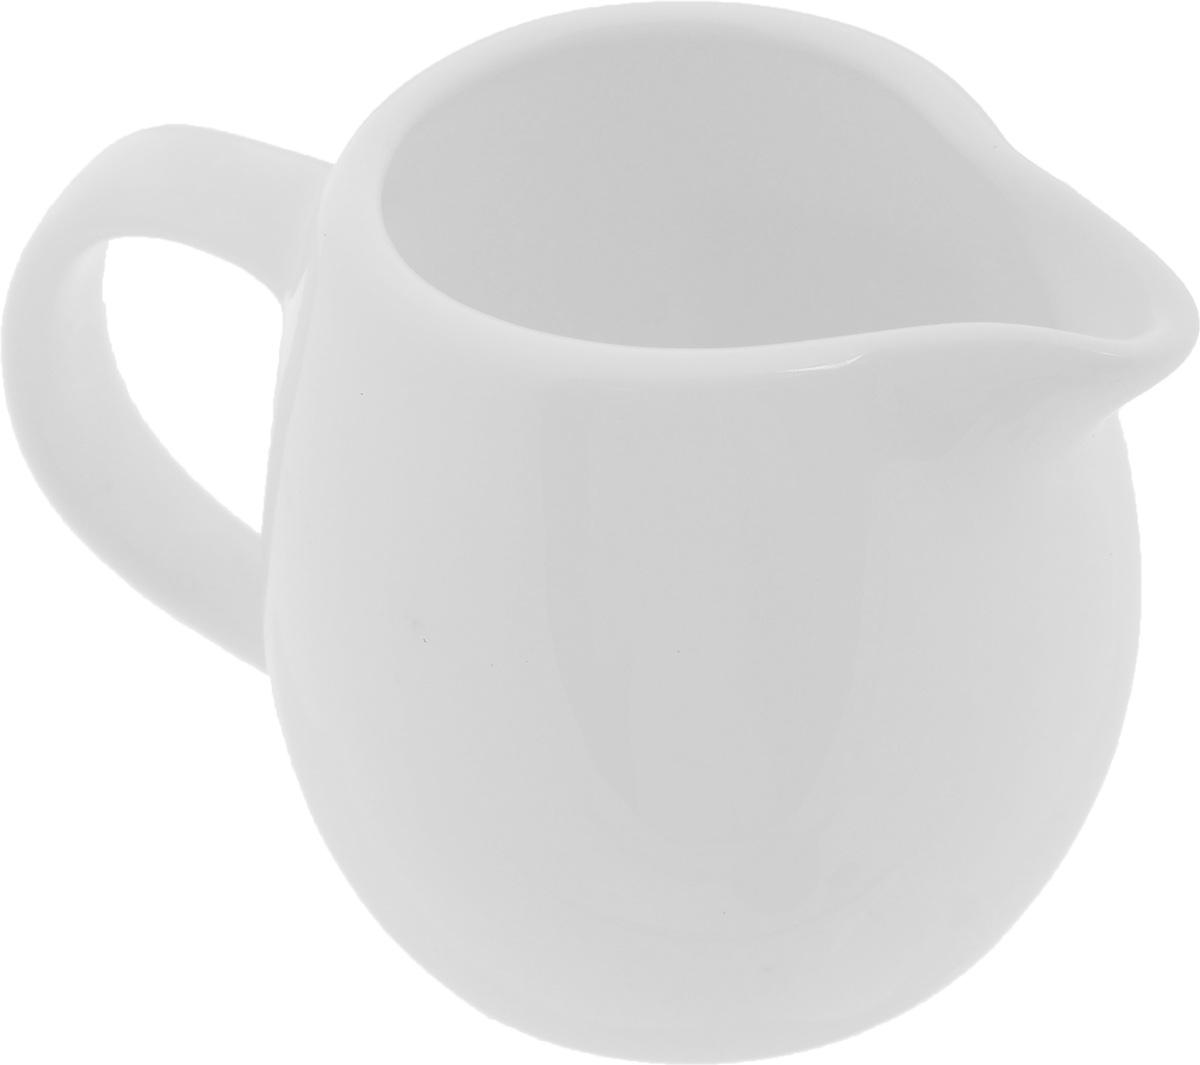 Молочник Wilmax, 150 млWL-995004 / AЭлегантный молочник Wilmax, выполненный из высококачественного фарфора с глазурованным покрытием, предназначен для подачи сливок, соуса и молока. Изящный, но в тоже время простой дизайн молочника, станет прекрасным украшением стола. Диаметр молочника по верхнему краю: 4,5 см. Ширина молочника (с учетом ручки и носика): 9,5 см. Высота молочника: 6,5 см.